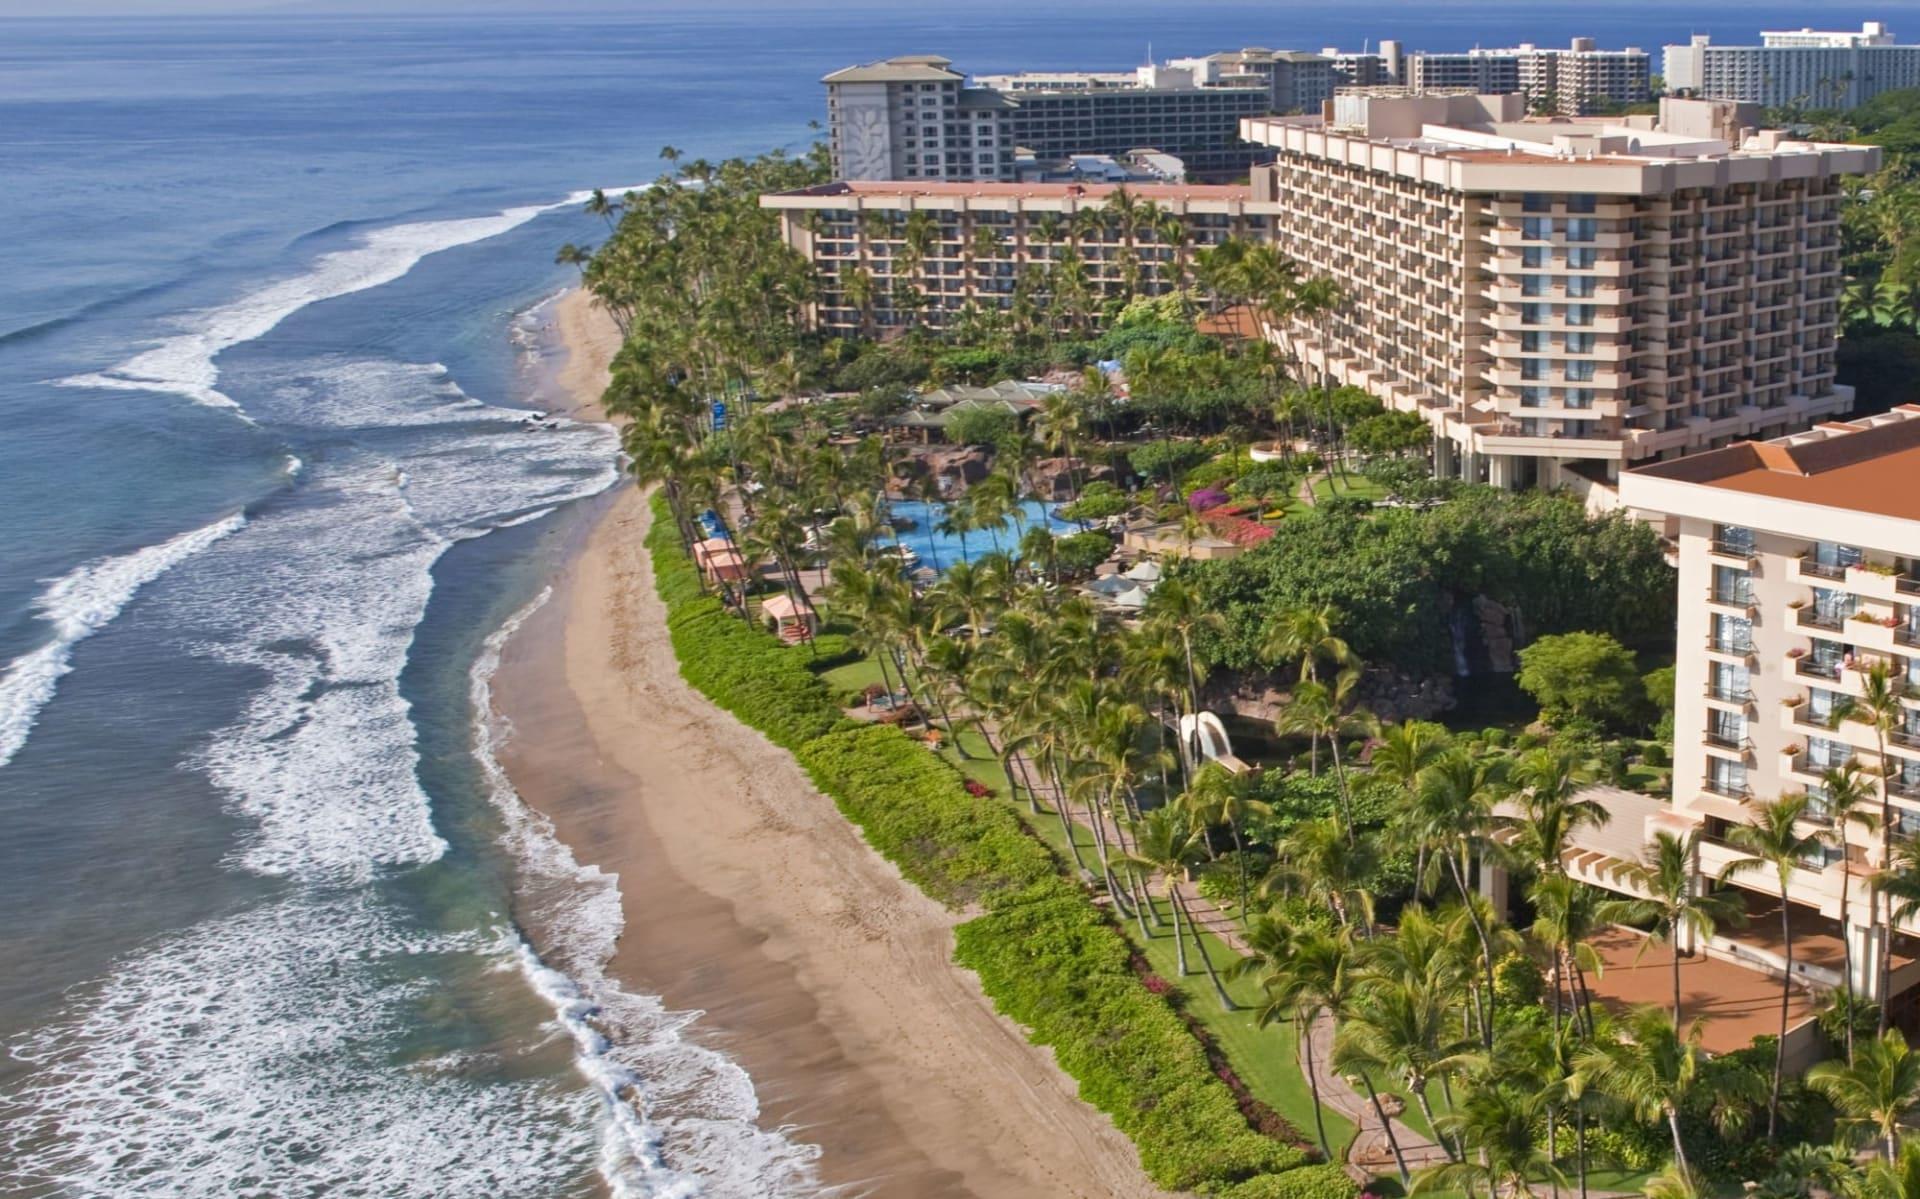 Hyatt Regency Maui Resort & Spa in Lahaina - Maui: Exterior_Hyatt Regency Maui_Aussenansicht 2_ATI